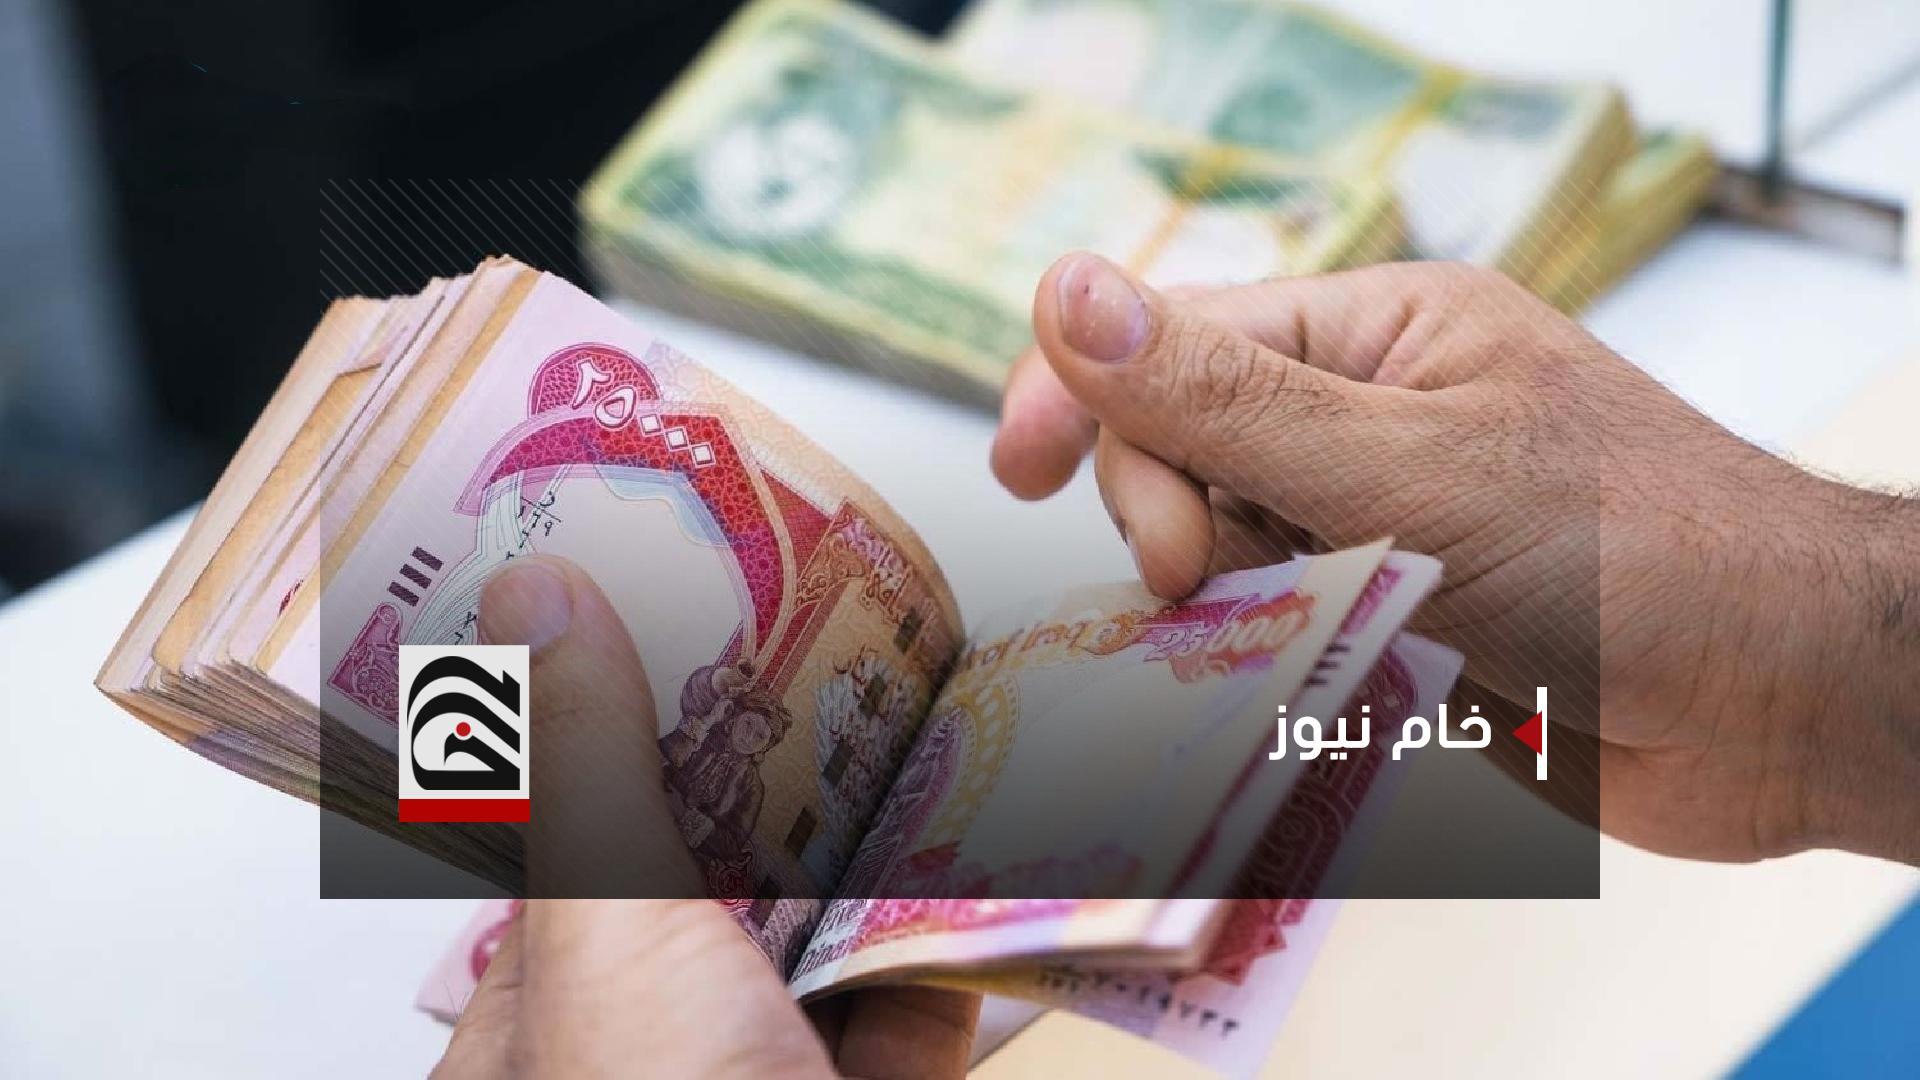 موقع خام نيوز توضيح نيابي بشإن سلم الرواتب الجديد والمالي ة النيابية تحسم الموقف